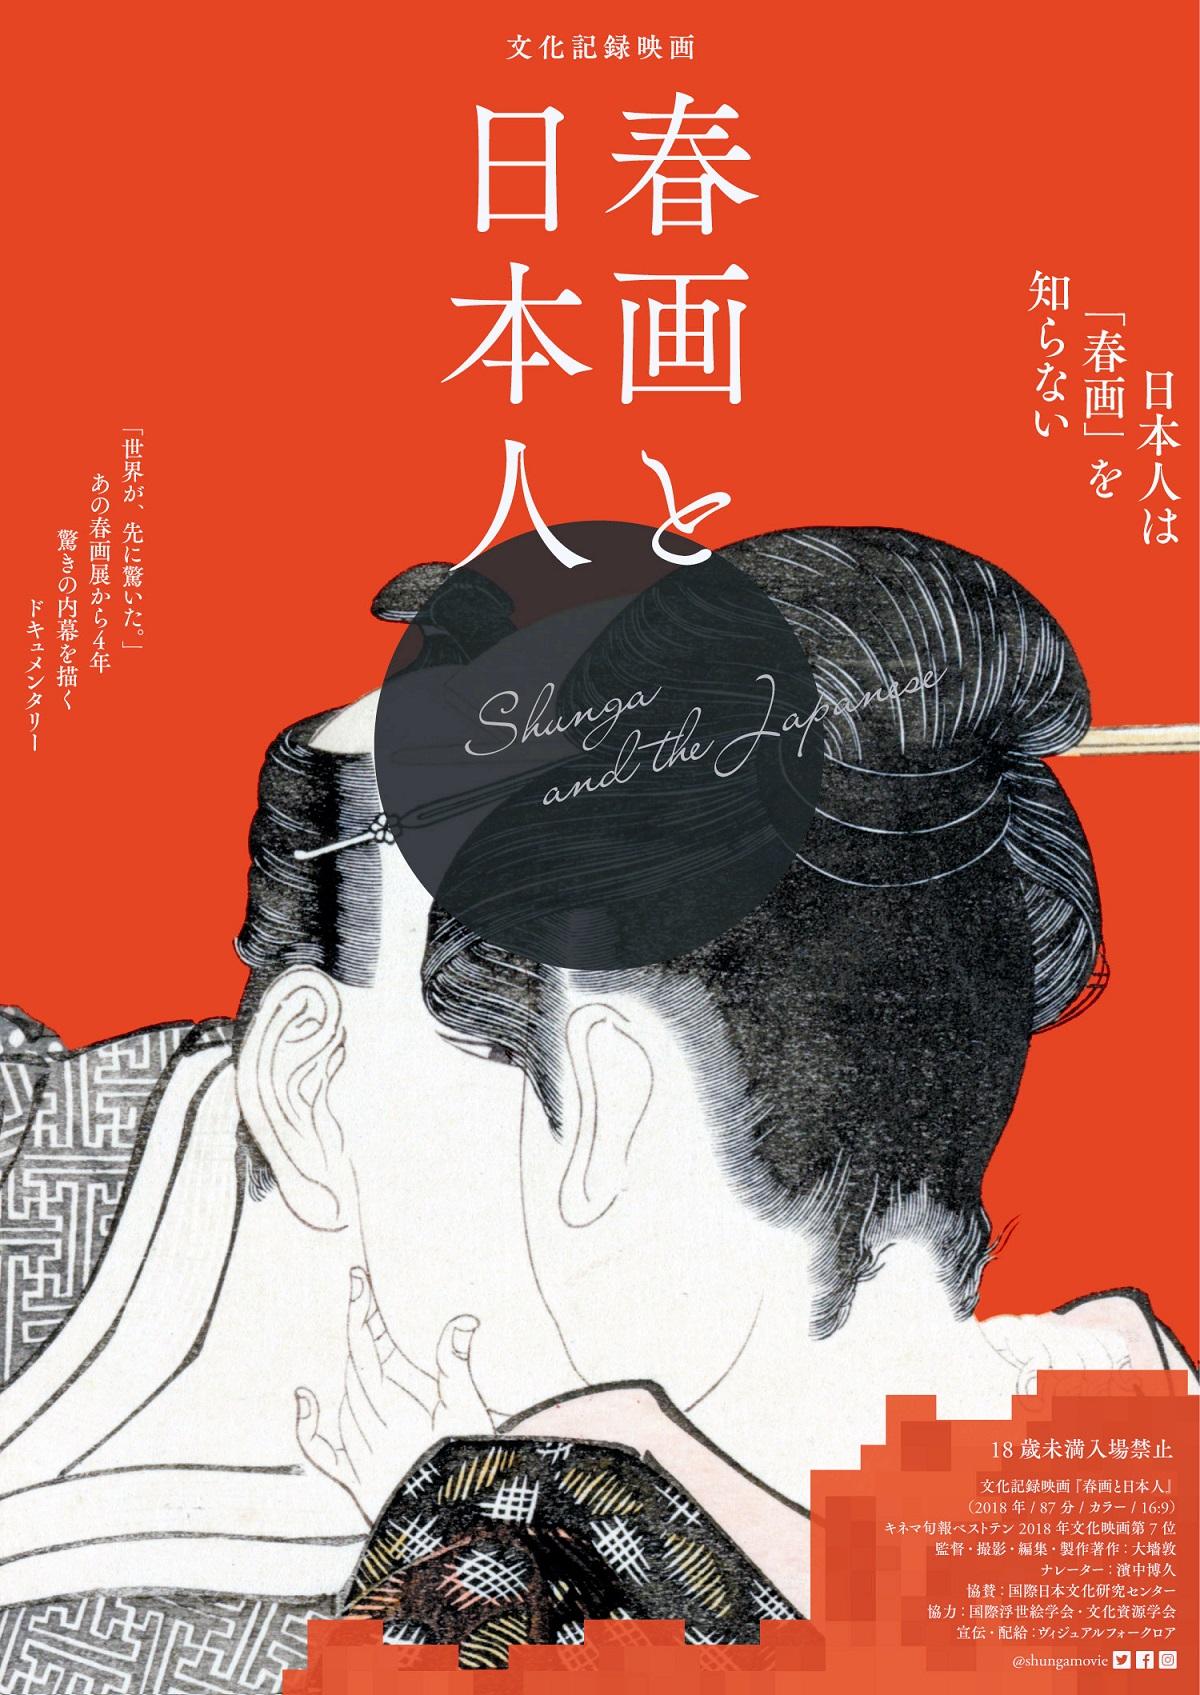 映画「春画と日本人」ポスター=大墻敦監督提供